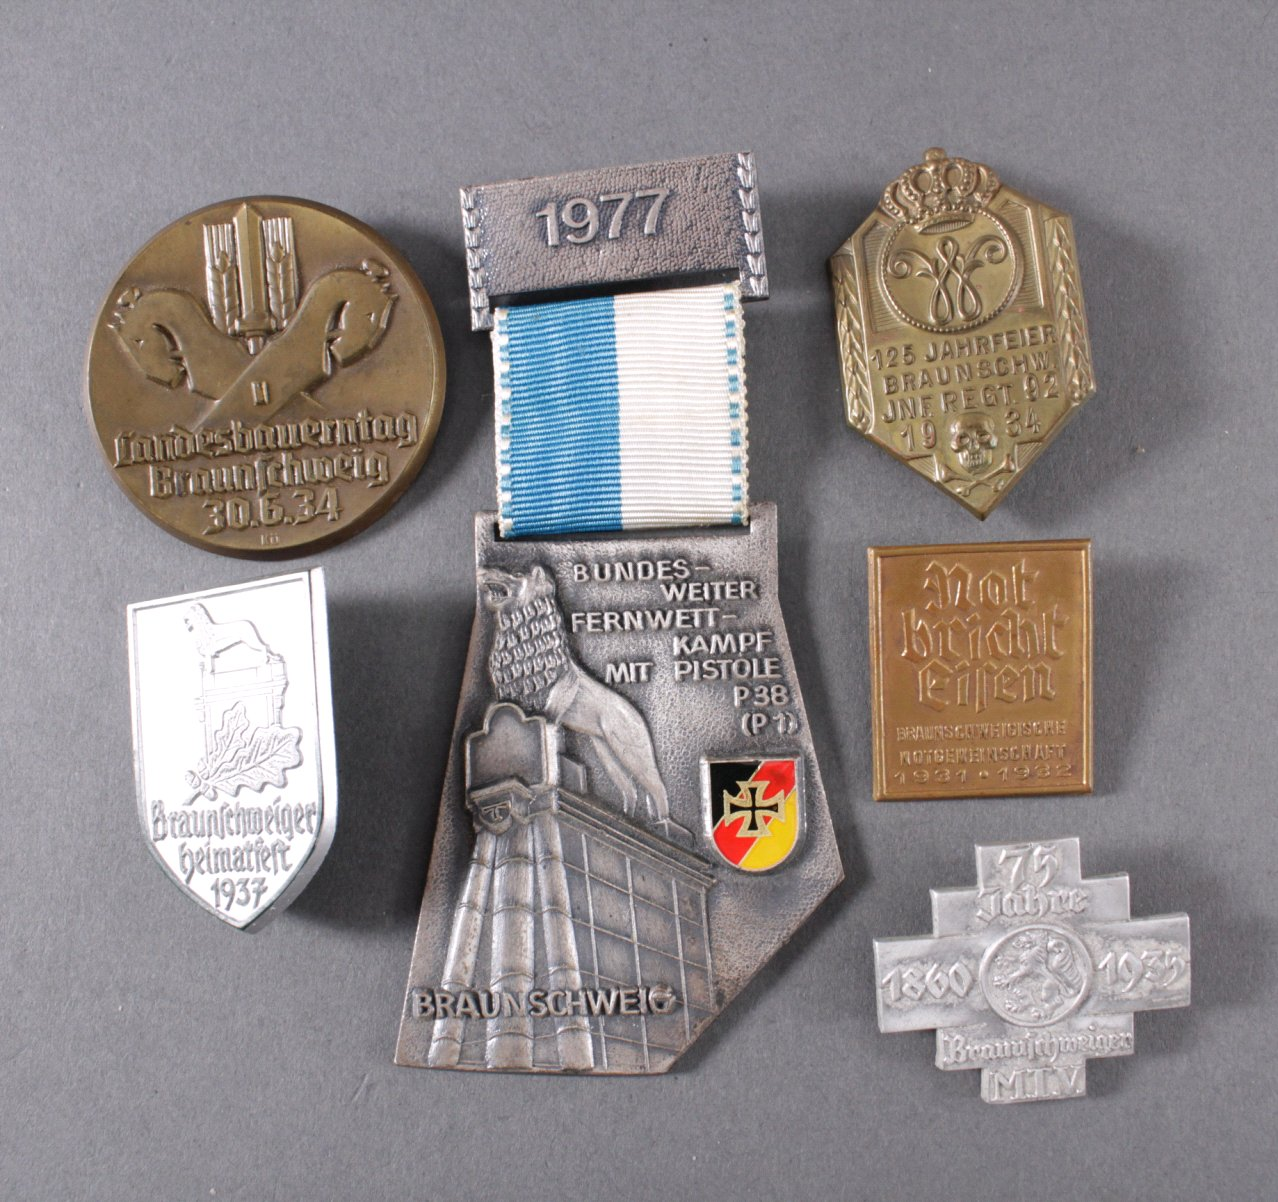 Tagungs- und Veranstaltungsabzeichen Braunschweig